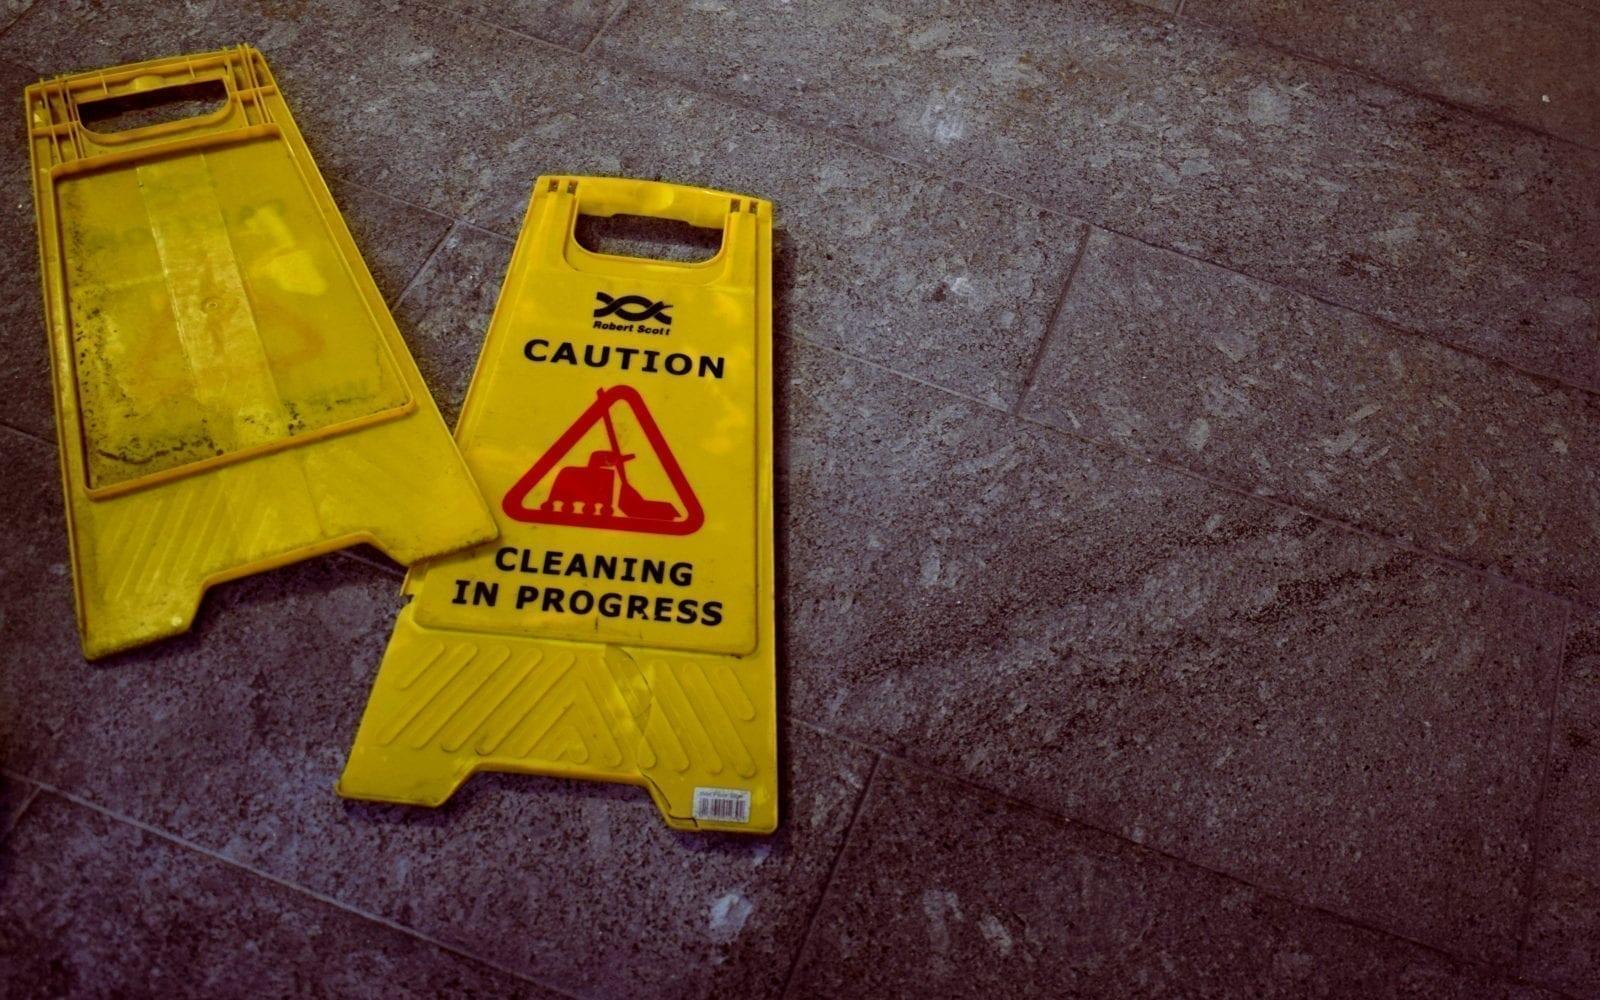 een gebroken schoonmaak stand op de vloer